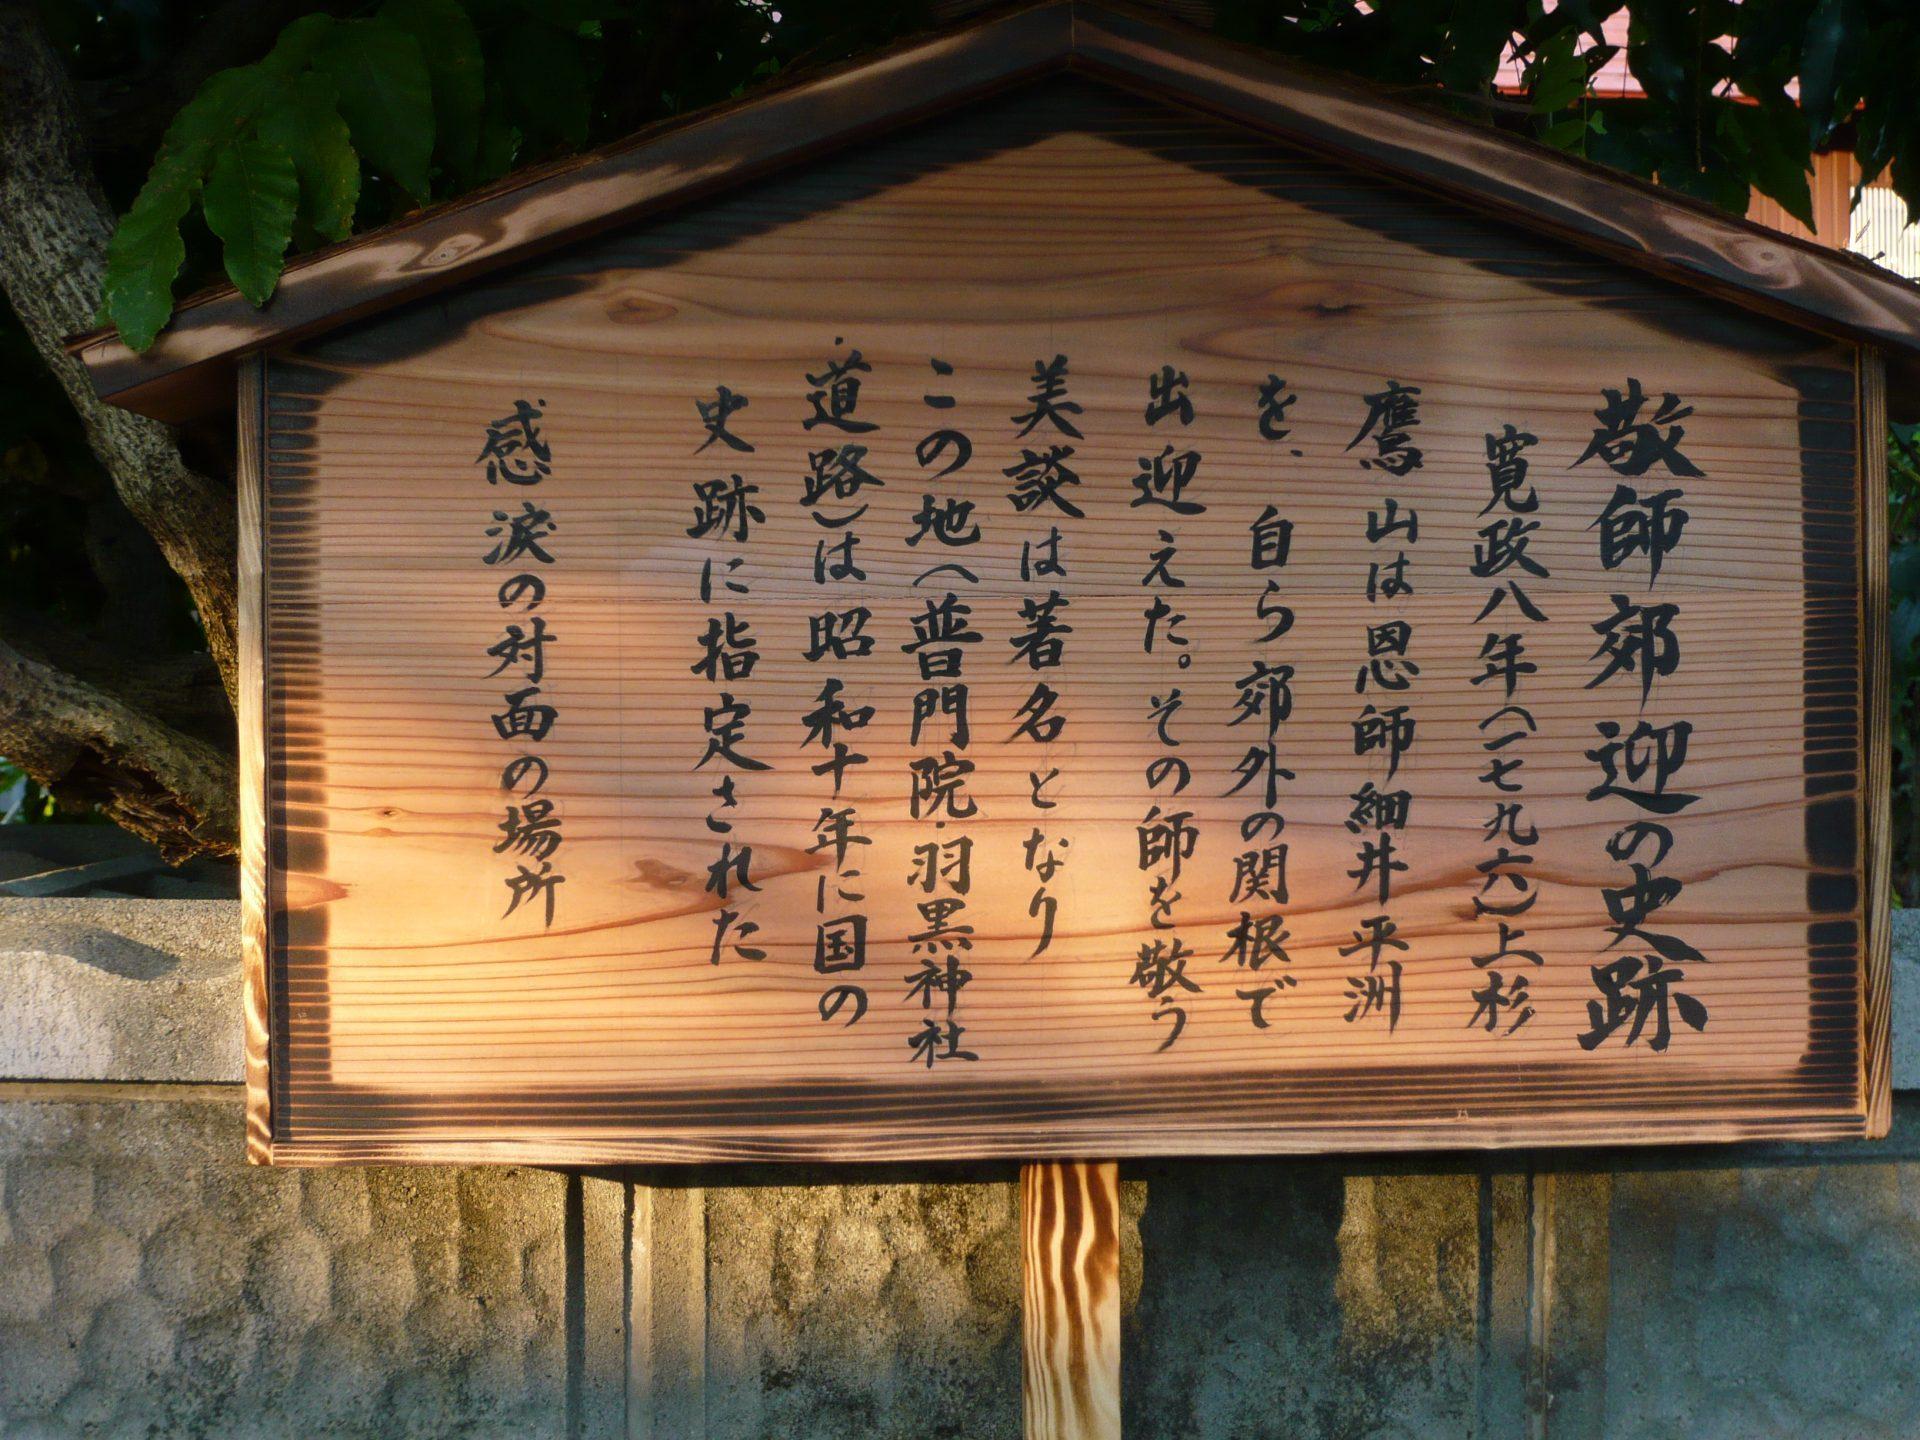 鷹山公と平洲先生の看板